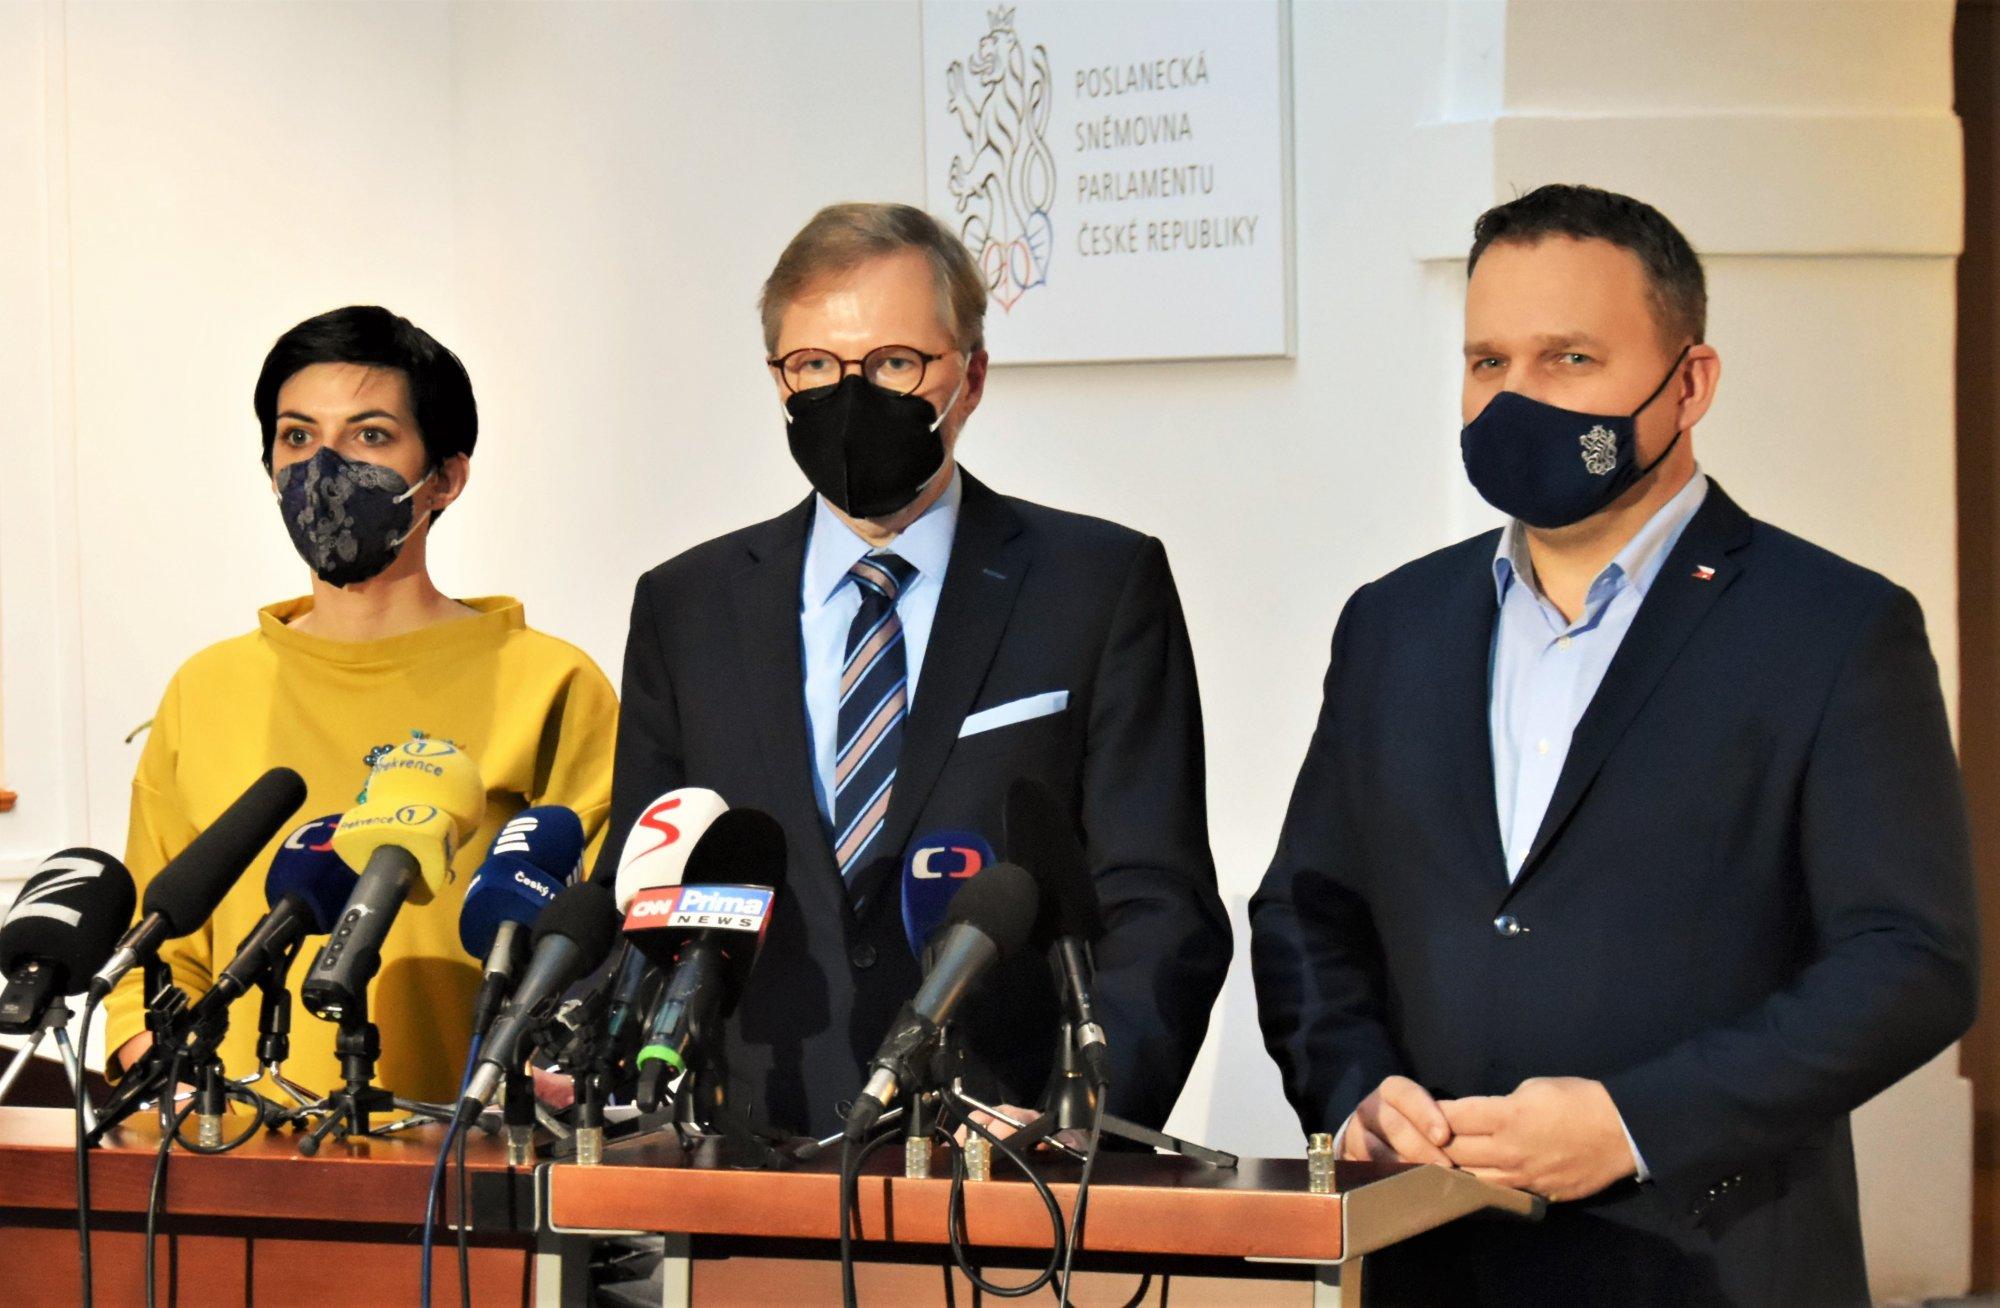 ODS, KDU-ČSL a TOP 09 pracují na programu, koaličním kandidátem na premiéra je Petr Fiala